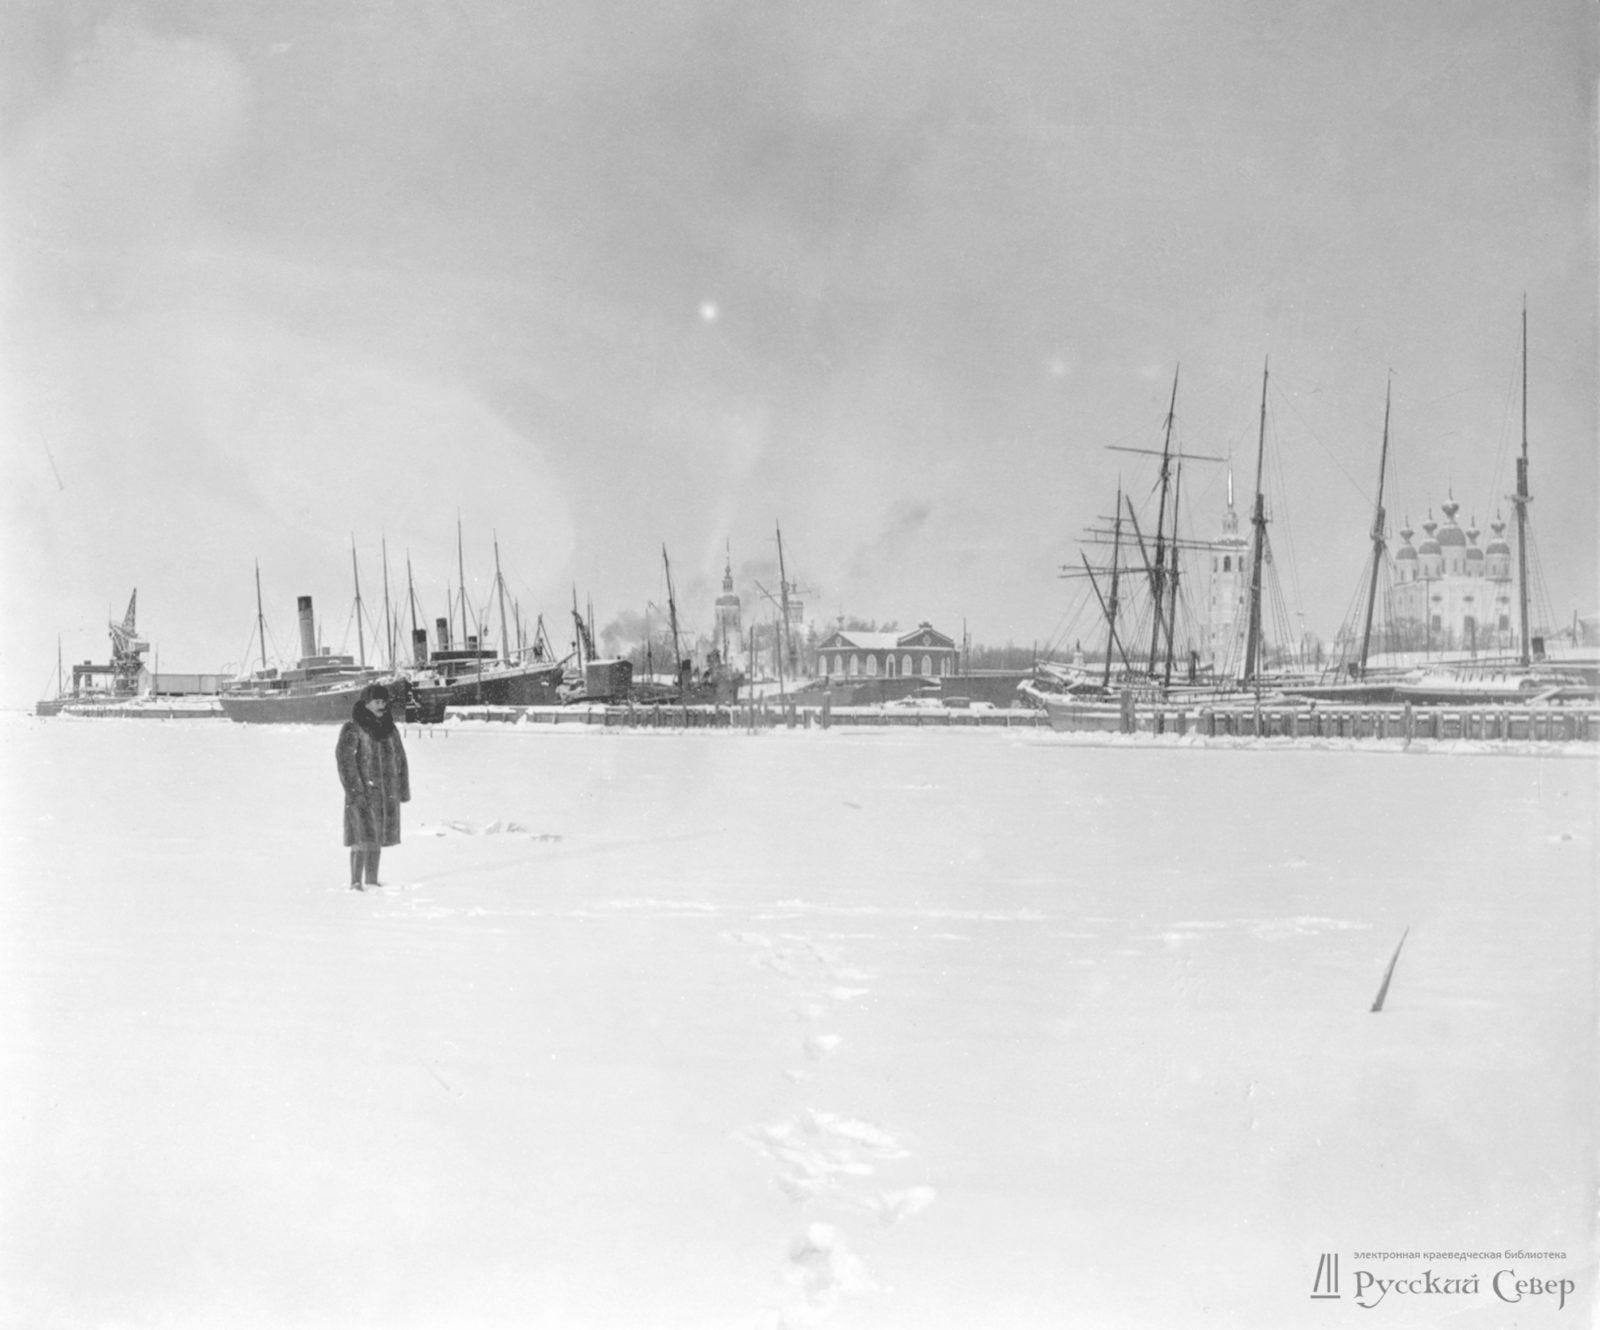 Ice on Northern Dvina. Arkhangelsk (Archangel)